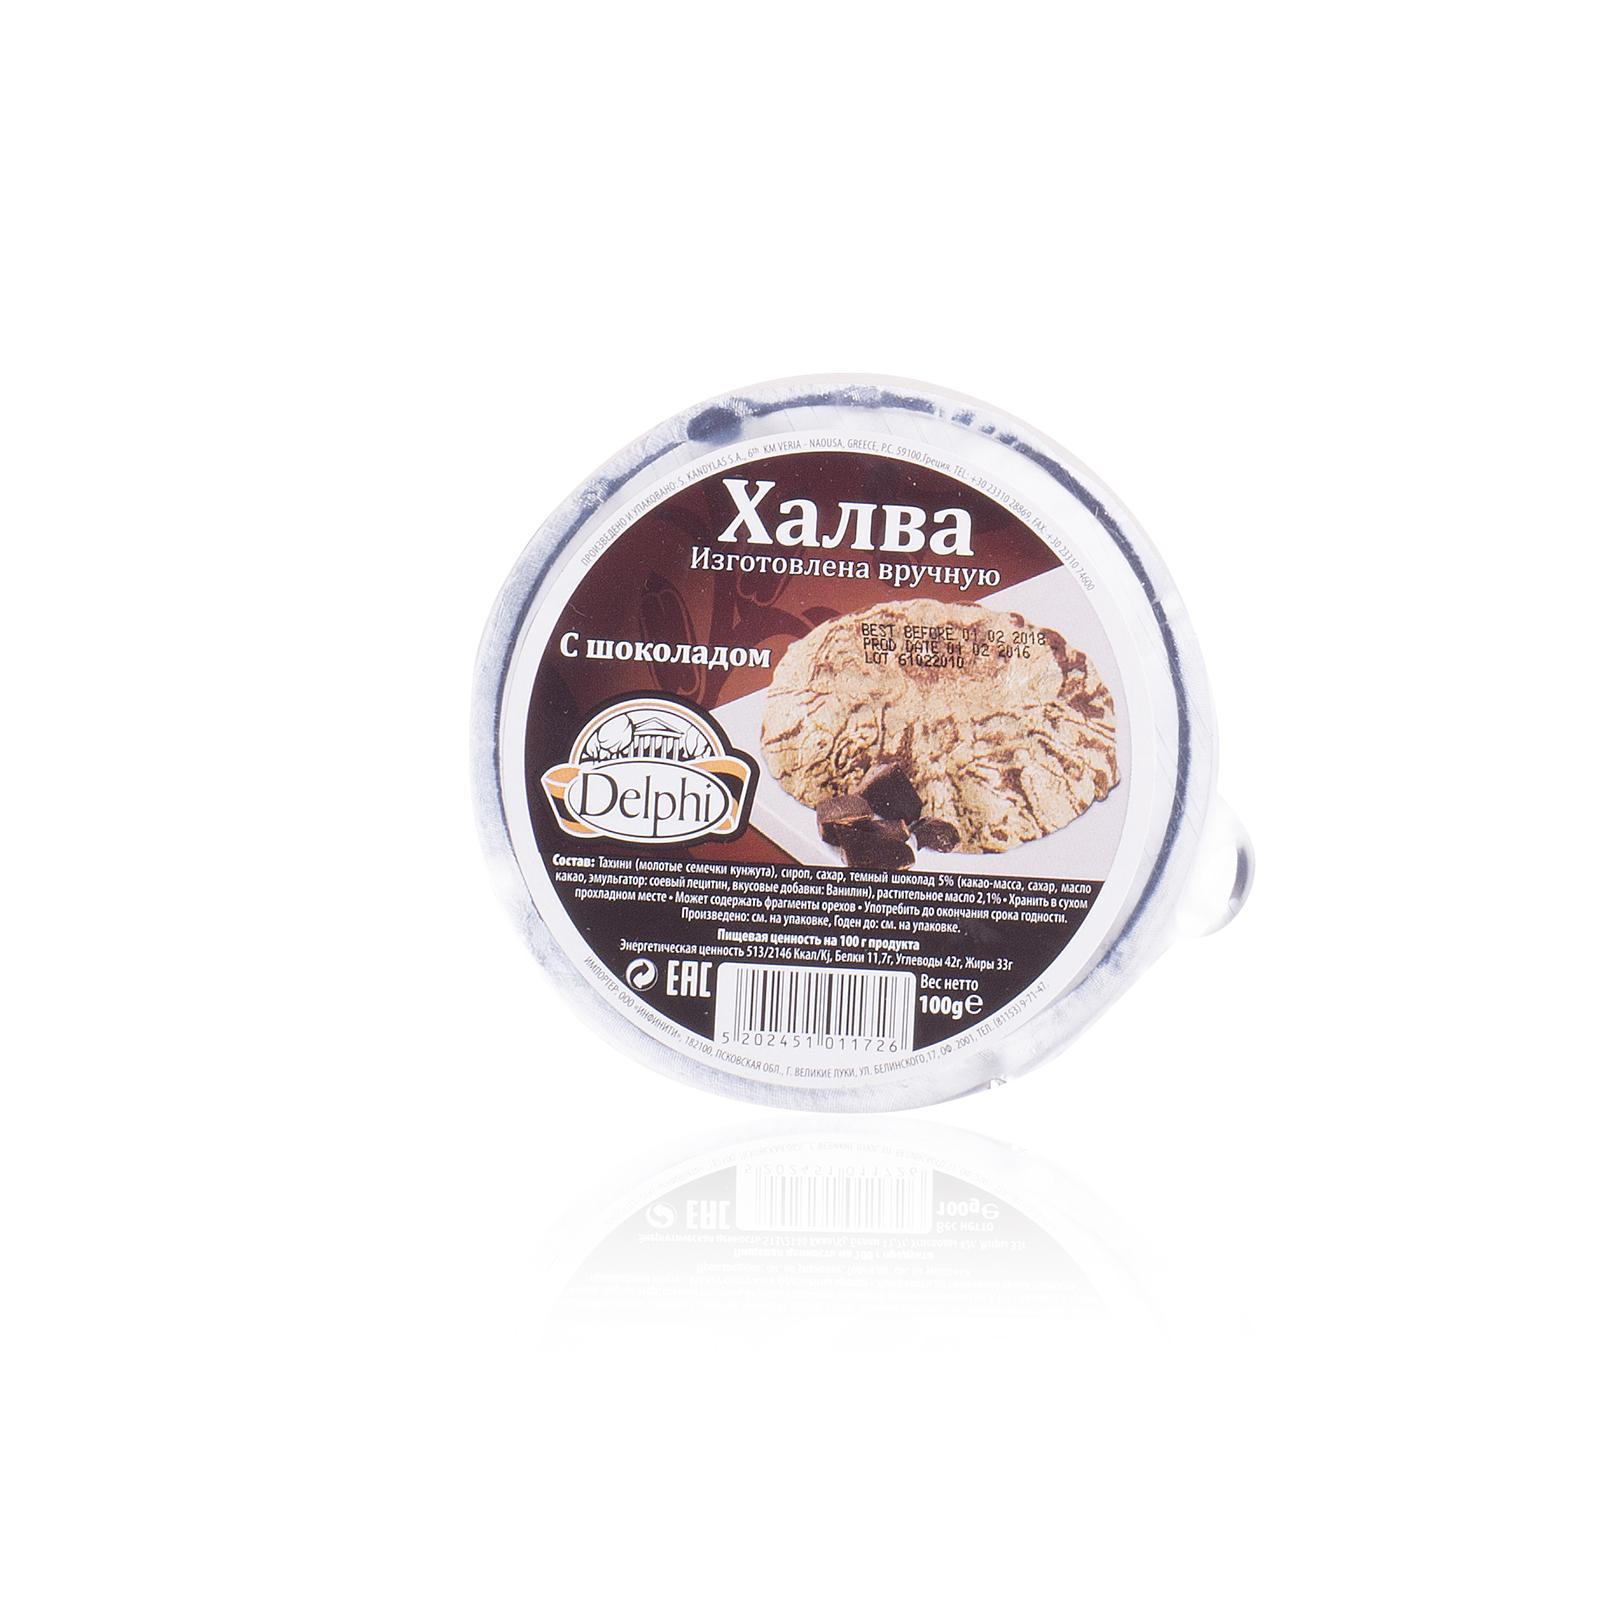 Халва шоколад DELPHI 100г